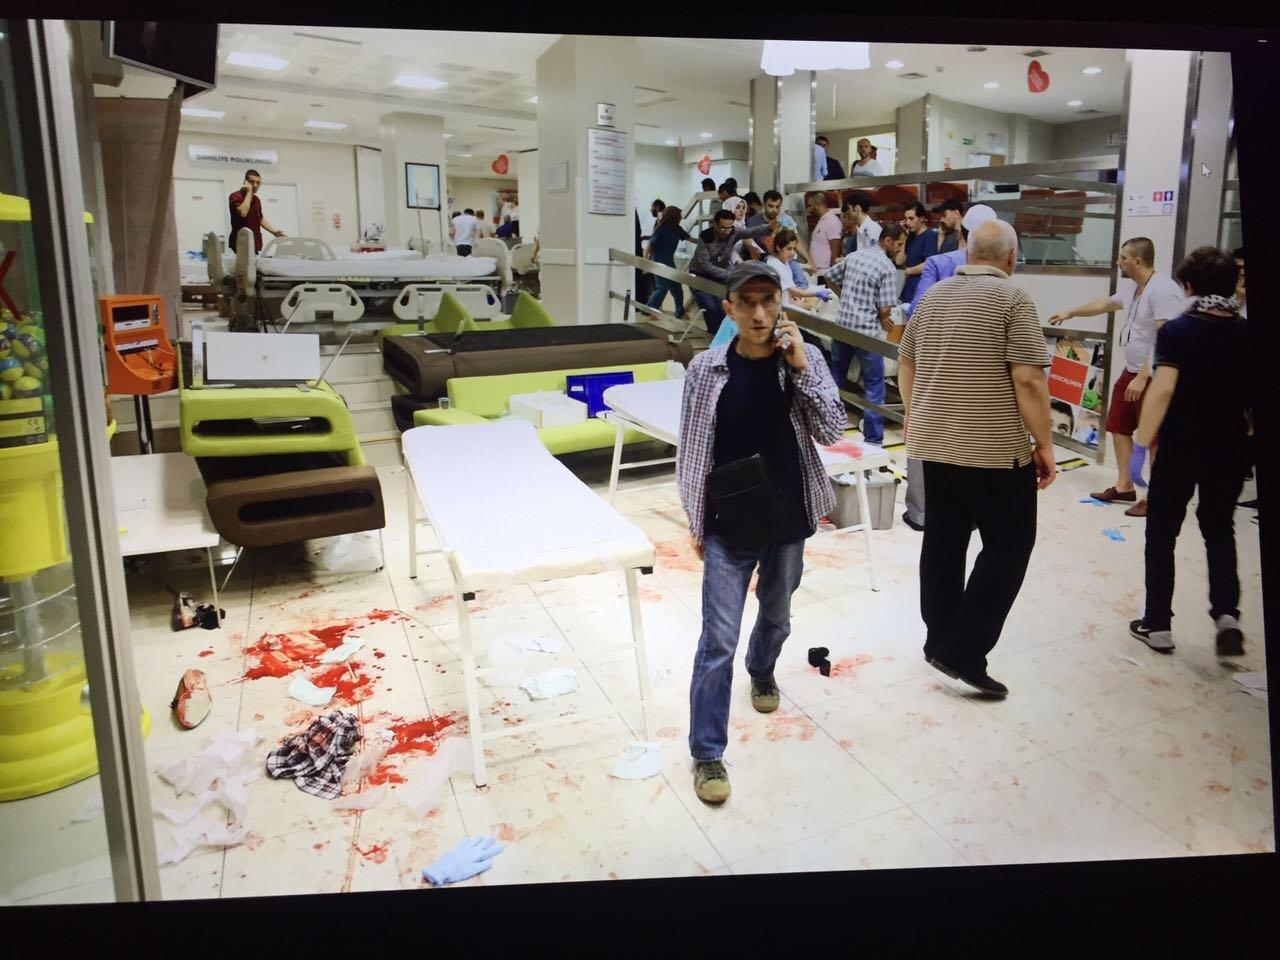 İBB binası önünde darbeci askerlerin açtığı ateş sonucu yaralanan vatandaşların tedavi edildiği hastaneden bir görüntü.